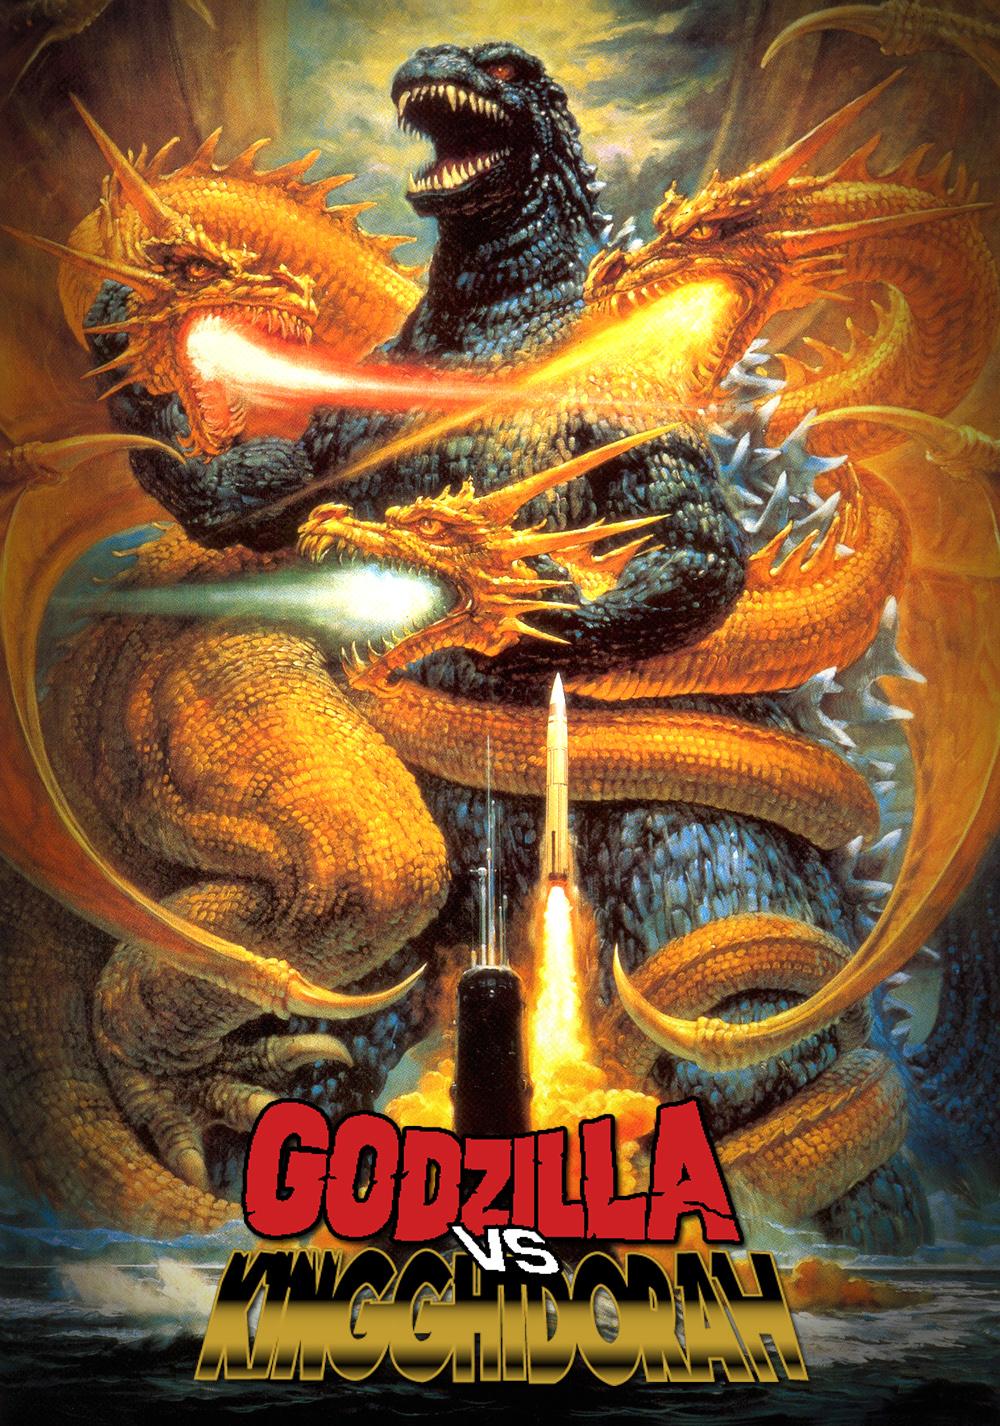 godzilla-vs-king-ghidorah